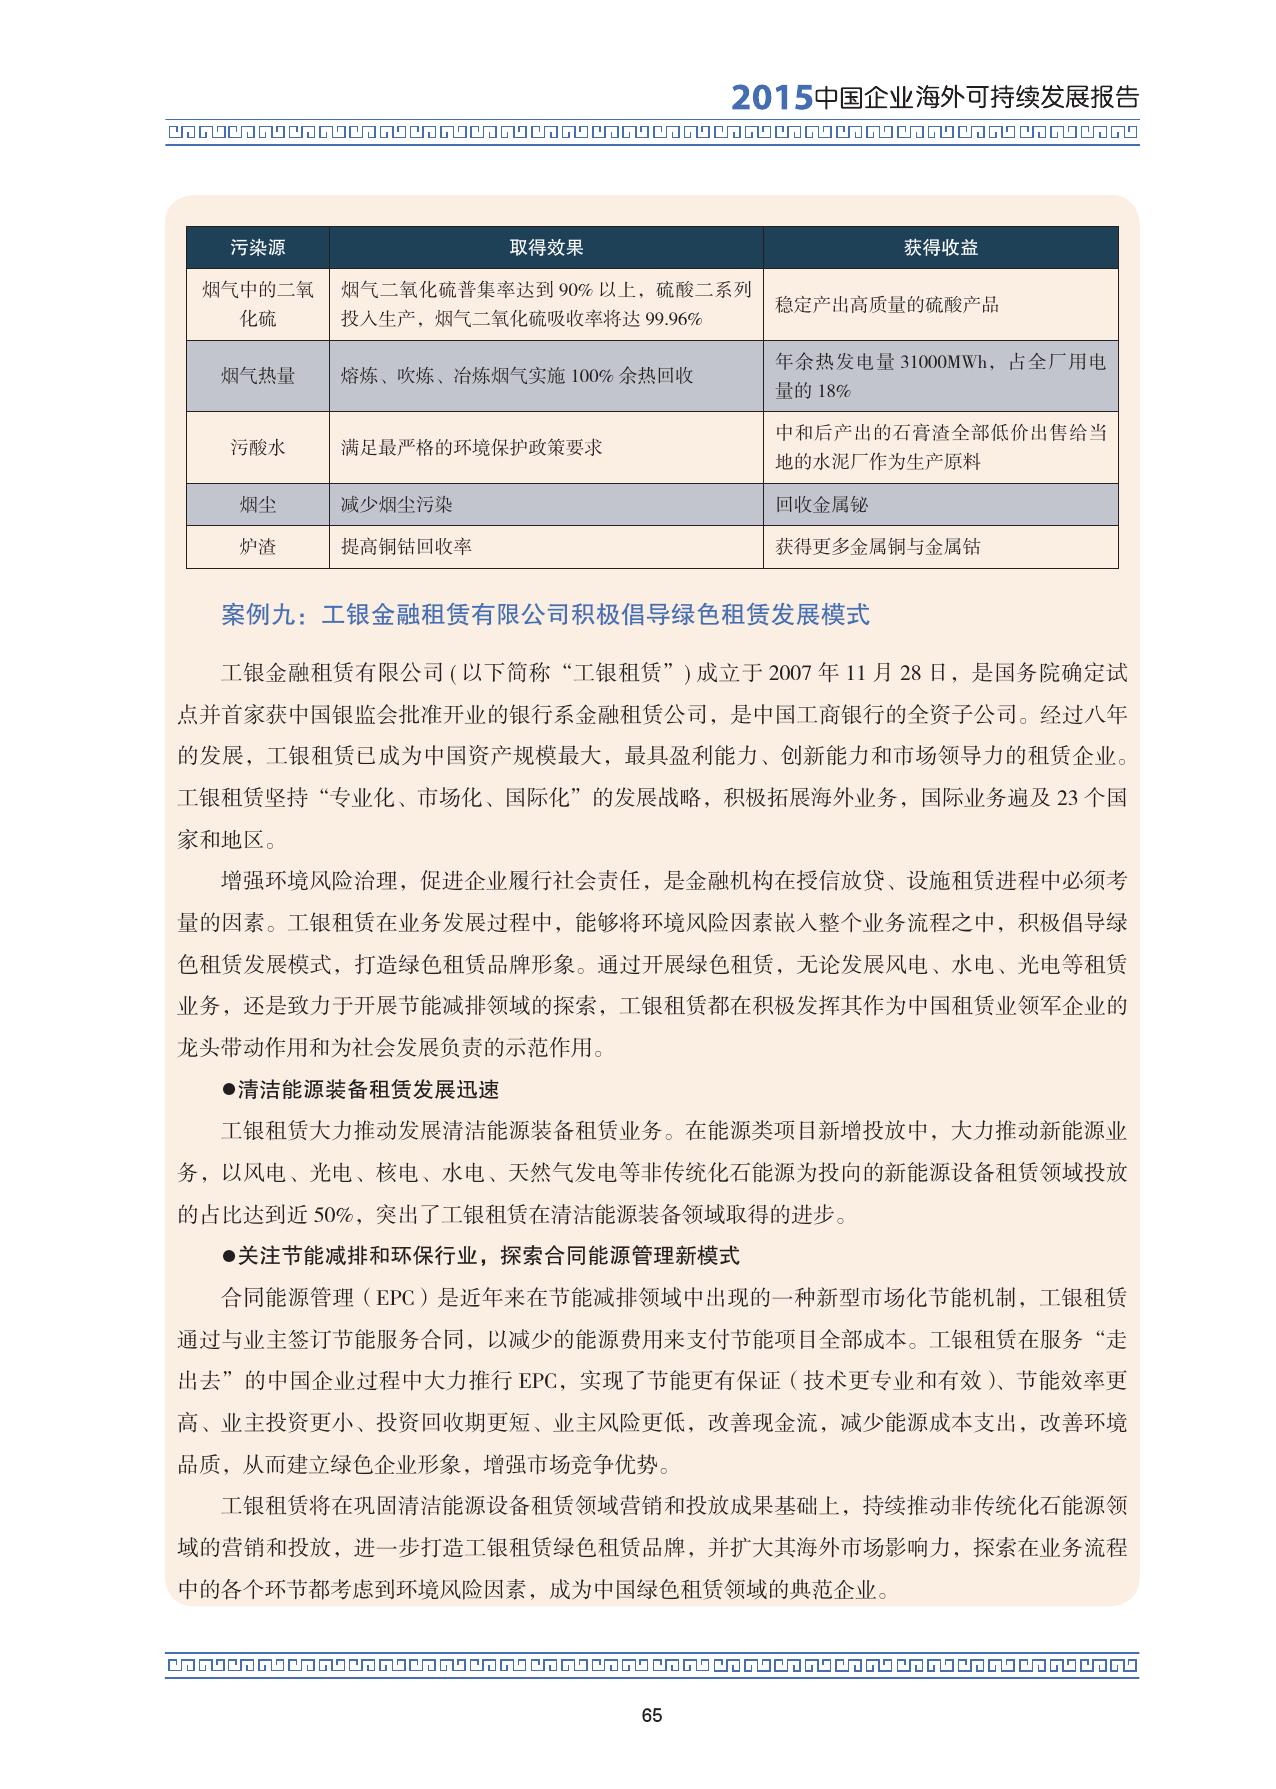 2015中国企业海外可持续发展报告_000079